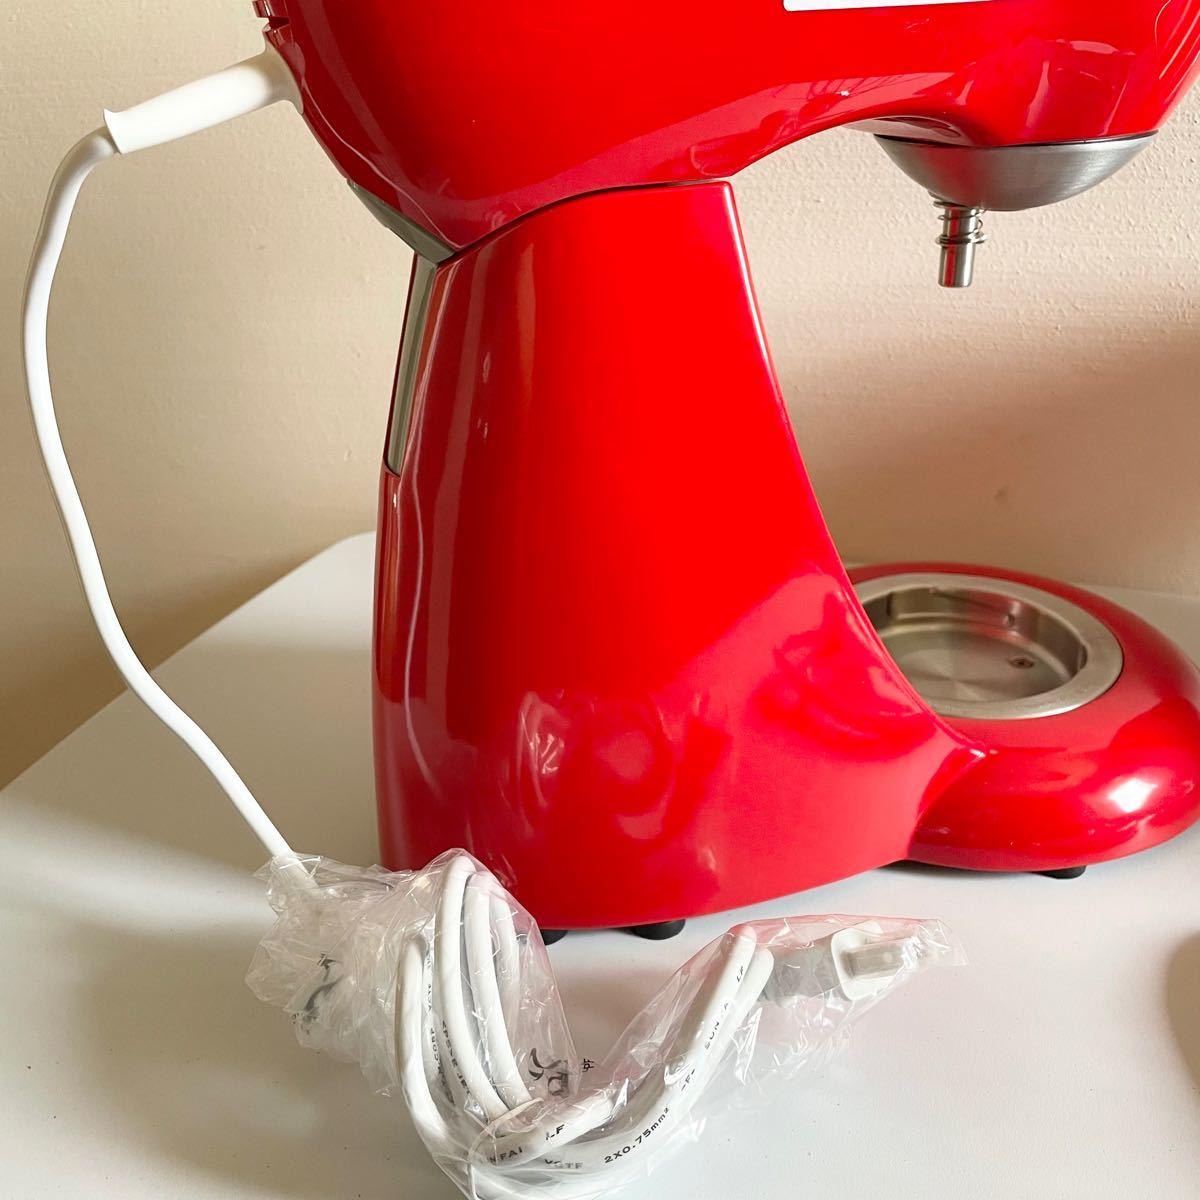 貝印 スタンドミキサー メランジュールロボ 赤 ミキサー 製菓道具 パン作り KAI キッチン インテリア